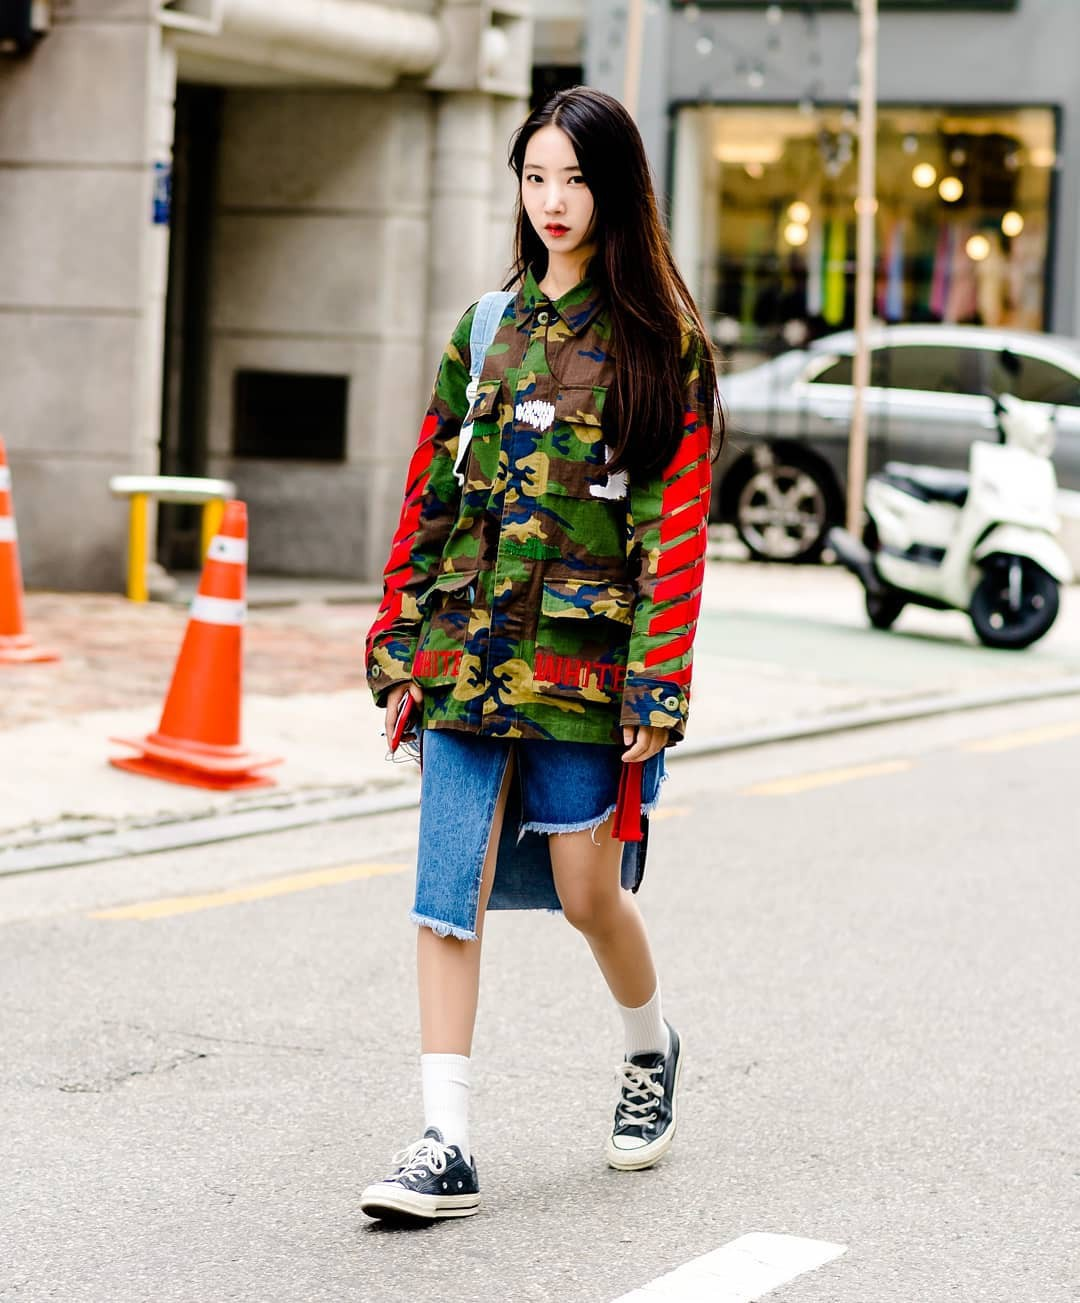 Street style của con gái Hàn tuần qua: chẳng cầu kỳ mà đẹp phát mê, ai xem xong cũng dễ crush - Ảnh 8.